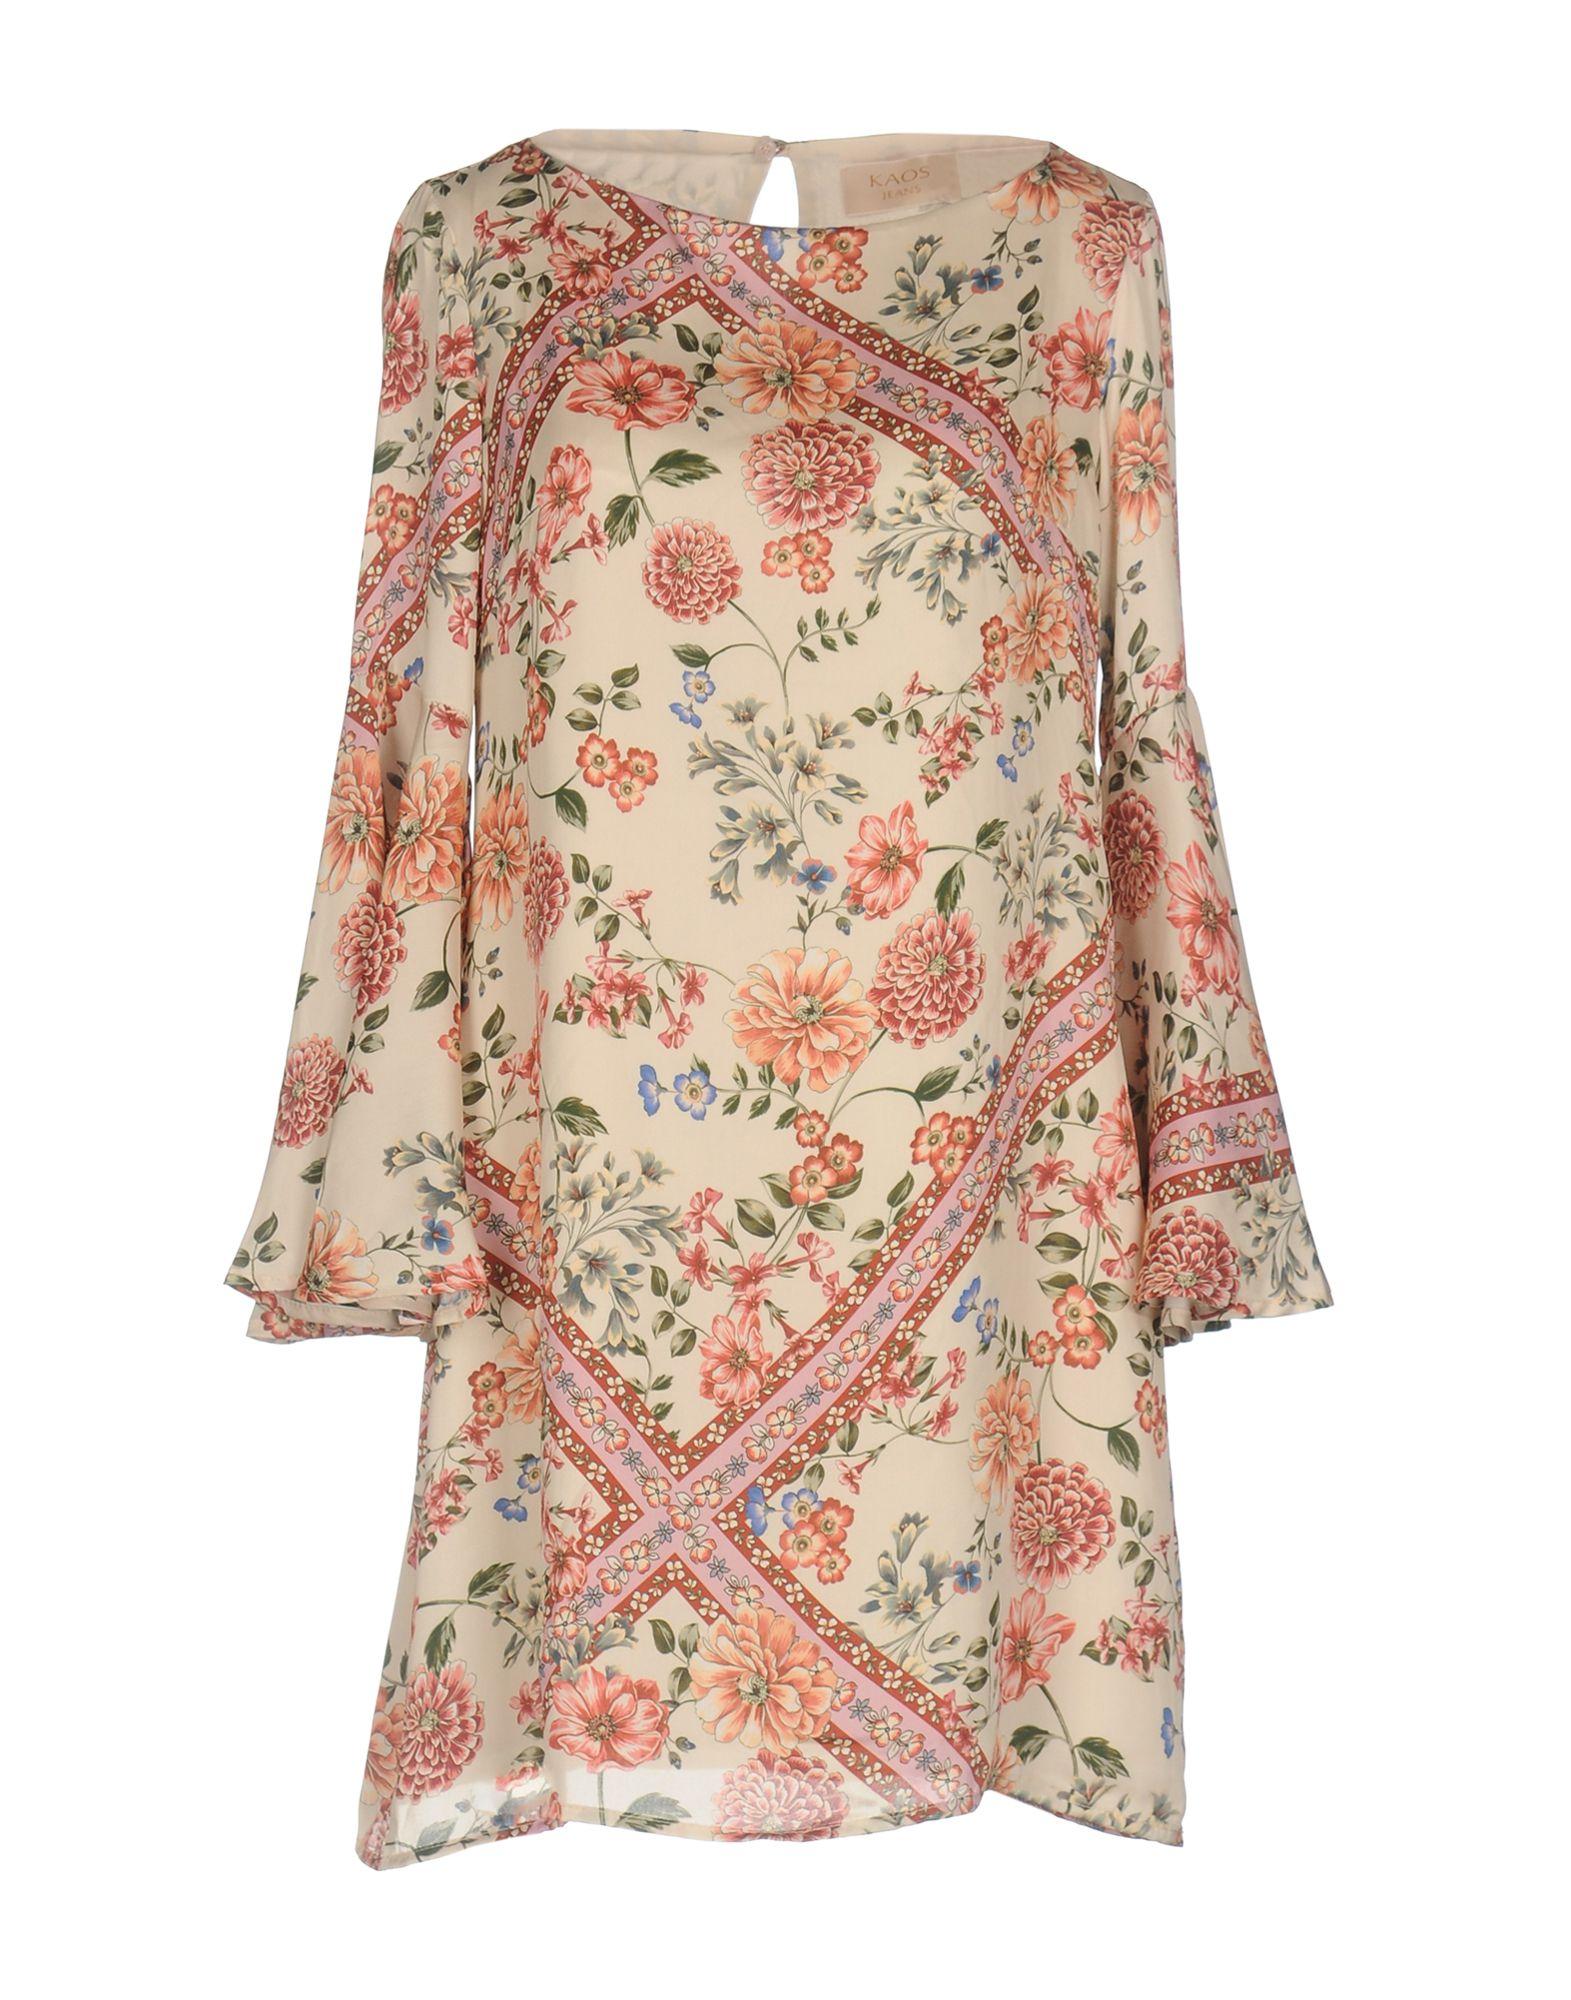 KAOS JEANS Damen Kurzes Kleid Farbe Beige Größe 7 jetztbilligerkaufen